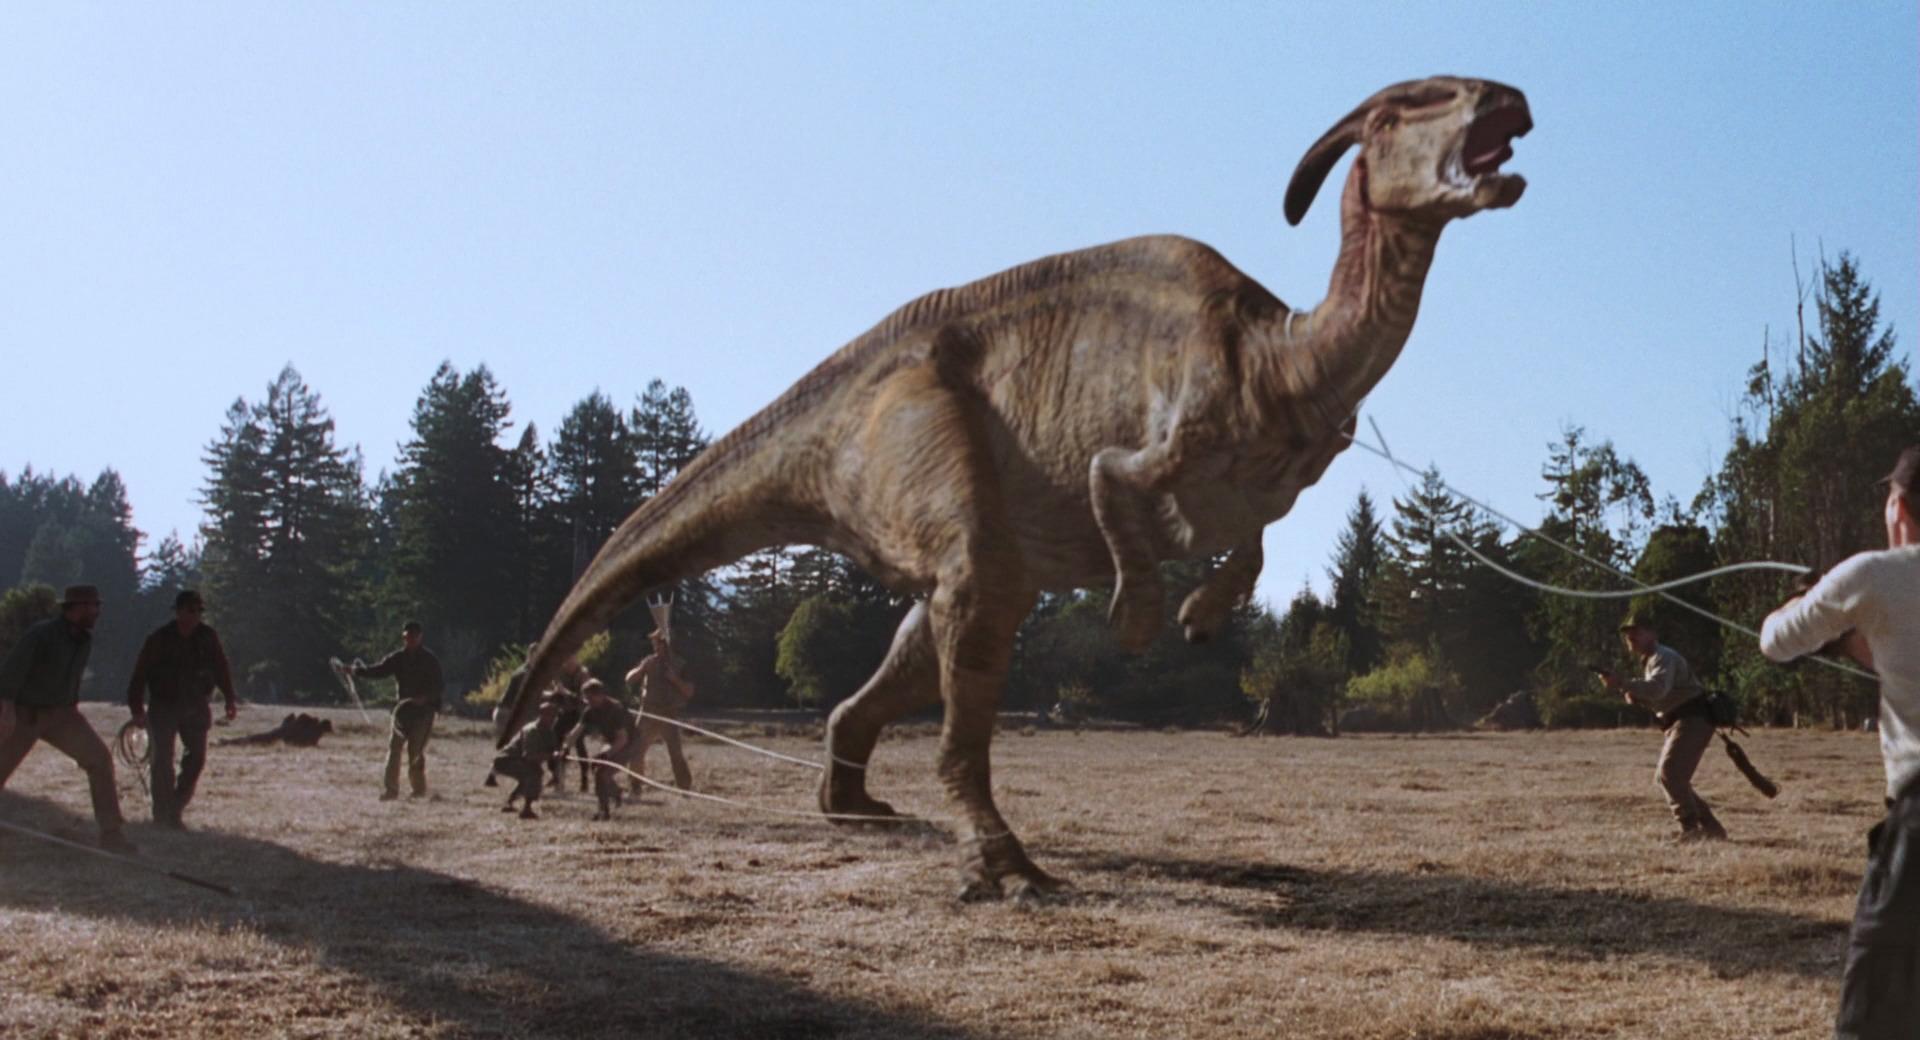 The Lost World Jurassic Park Screencaps are here Jurassic-lost-world-movie-screencaps.com-4545